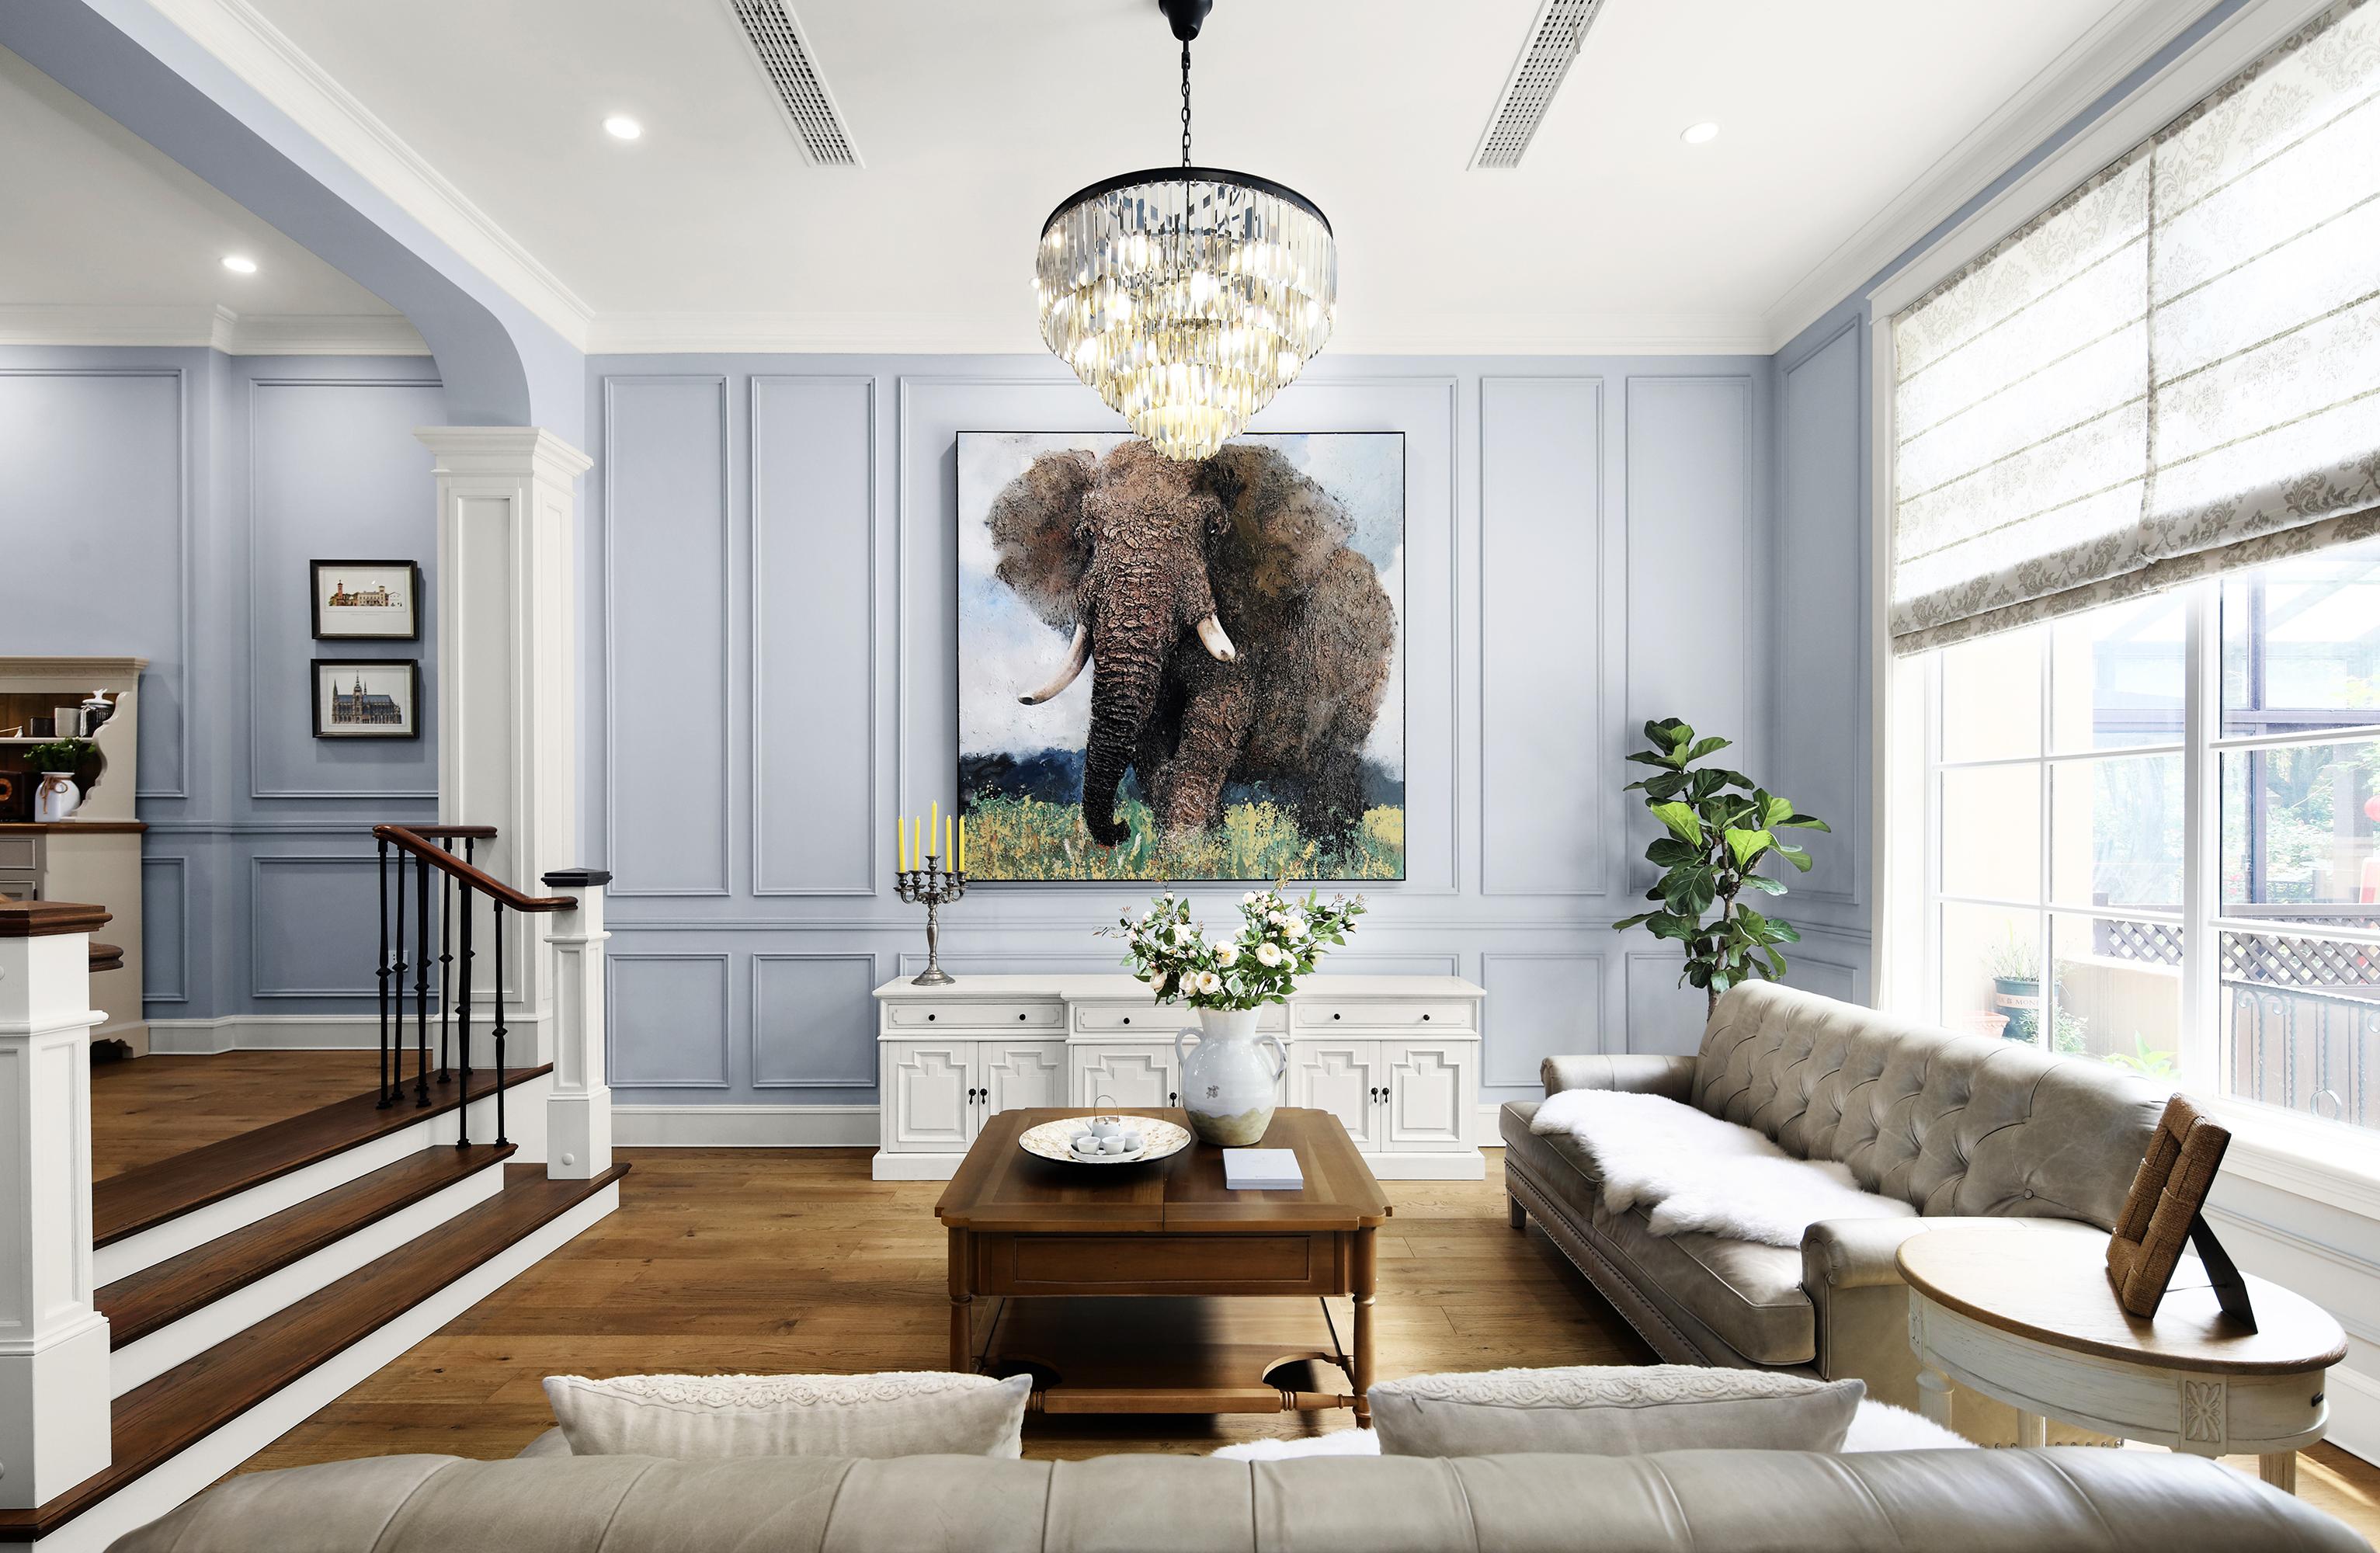 质朴380平美式别墅客厅效果图欣赏客厅美式经典客厅设计图片赏析